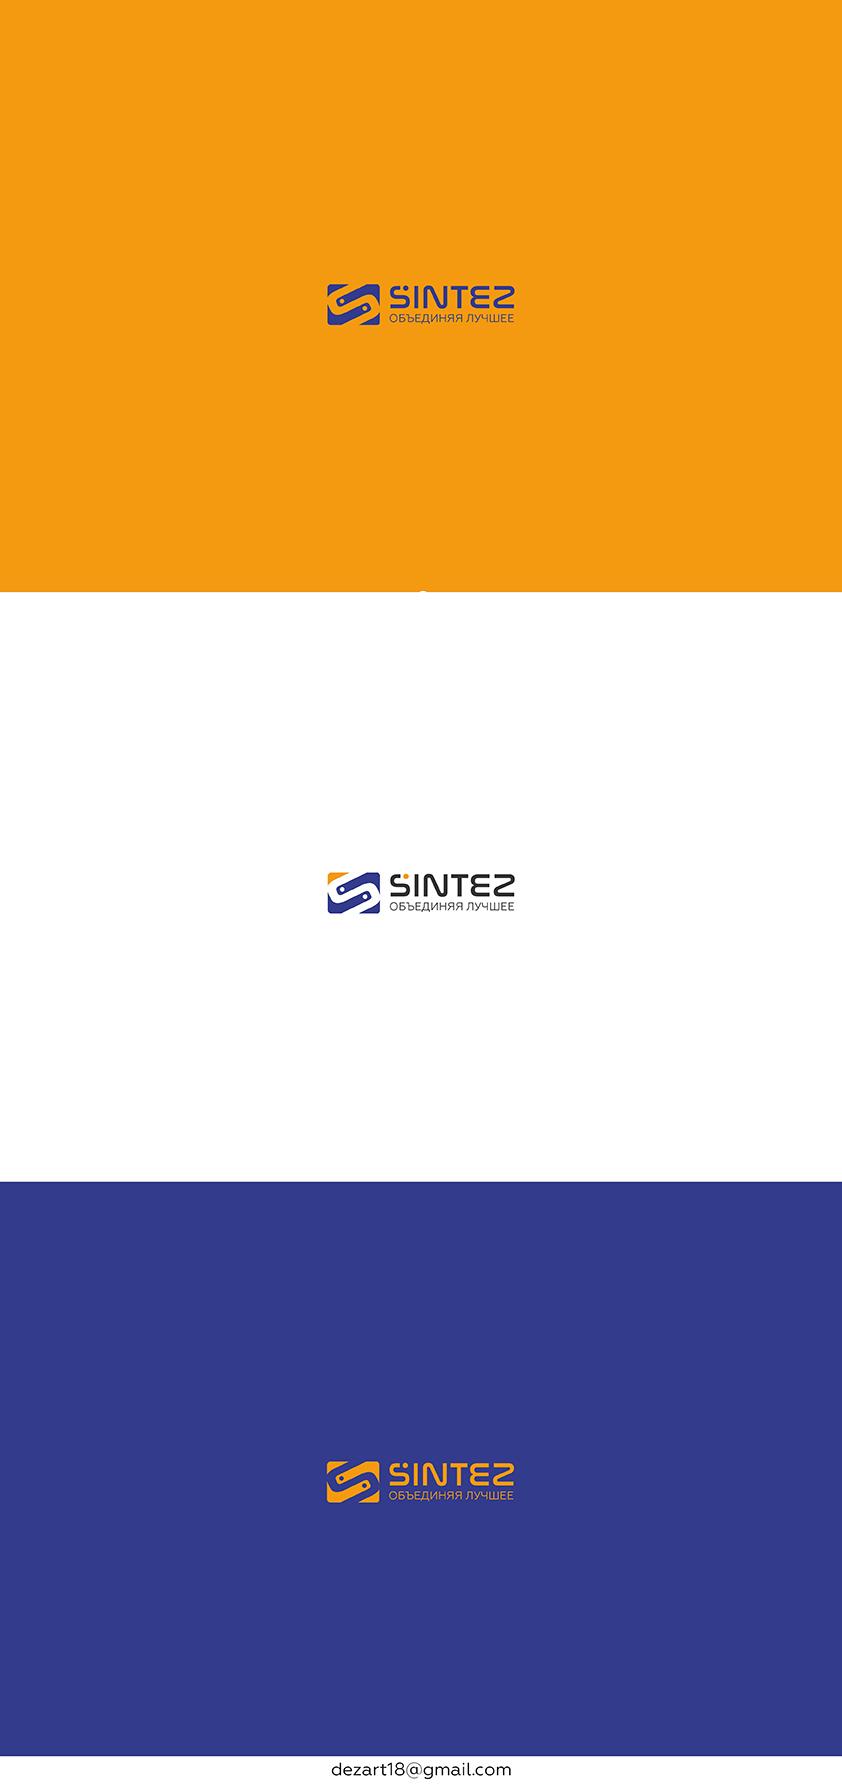 Разрабтка логотипа компании и фирменного шрифта фото f_4415f61c424f0aa6.jpg